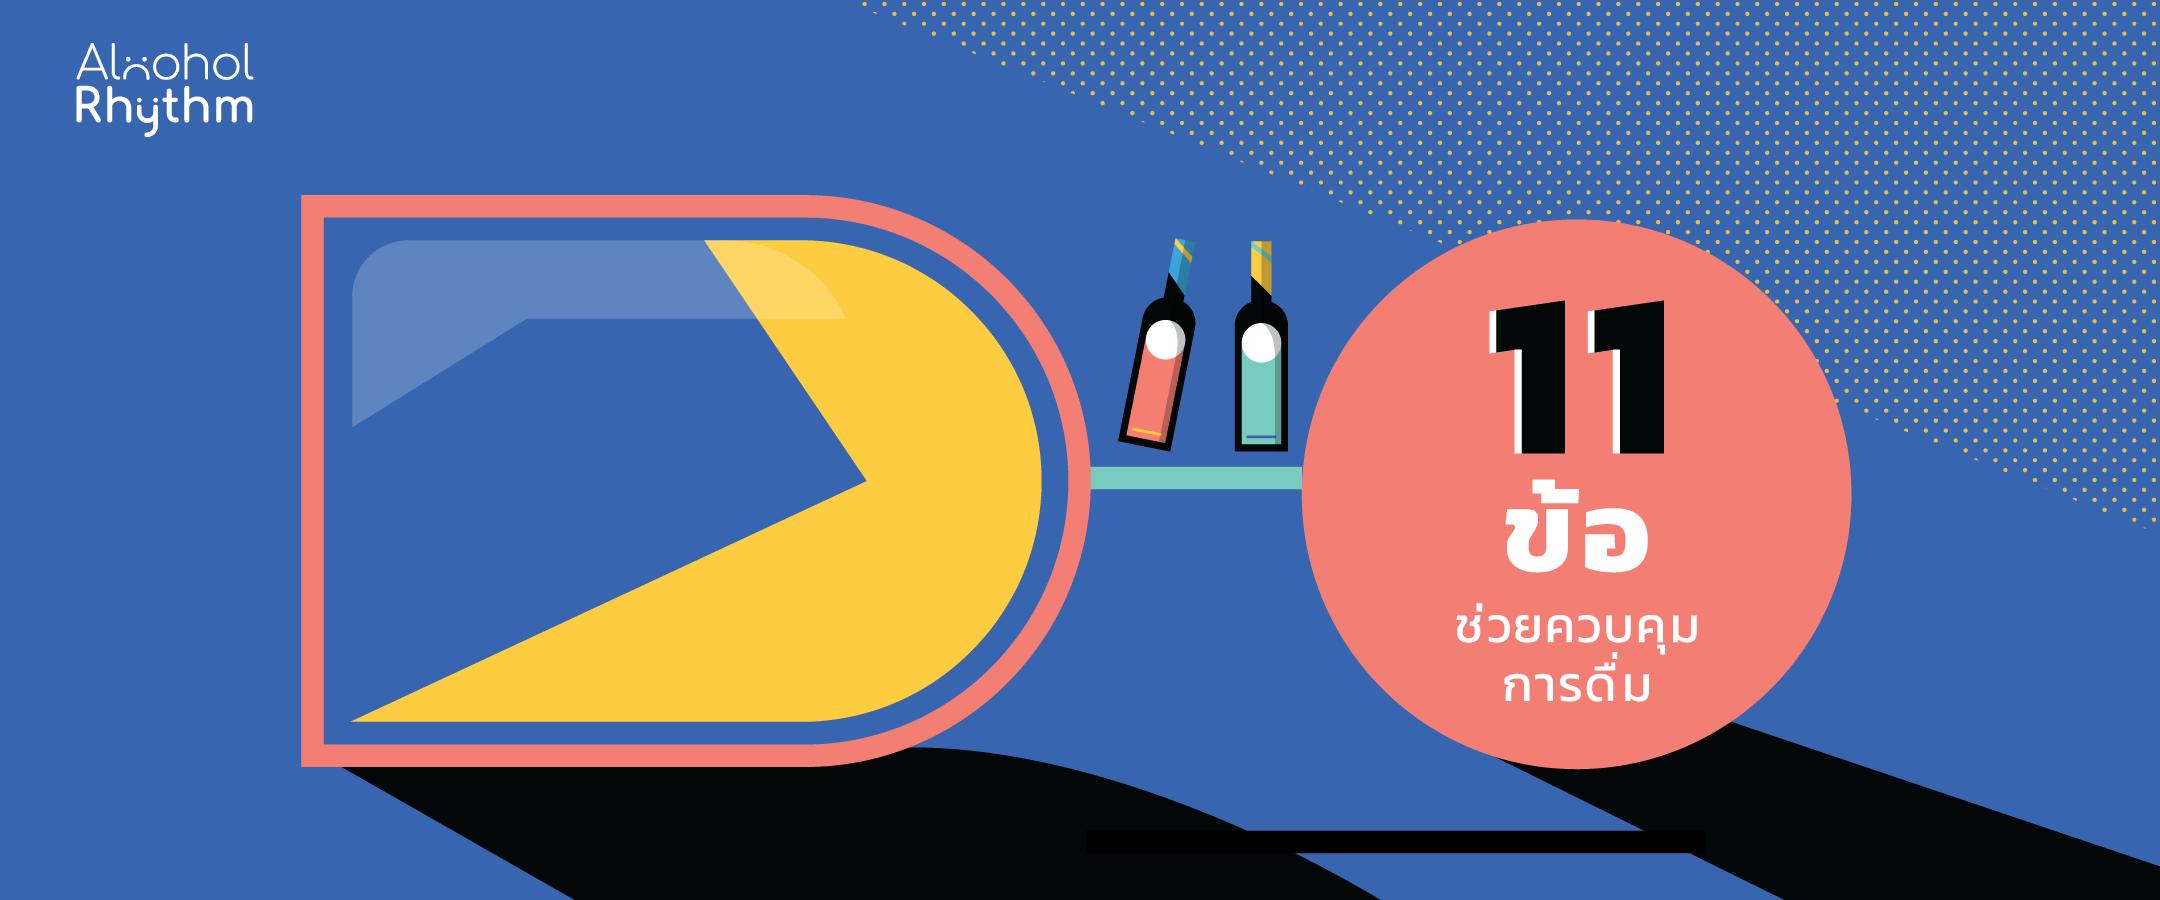 ลดอย่างไรให้ได้ผล? : 11 วิธีช่วยลดการดื่มแอลกอฮอล์